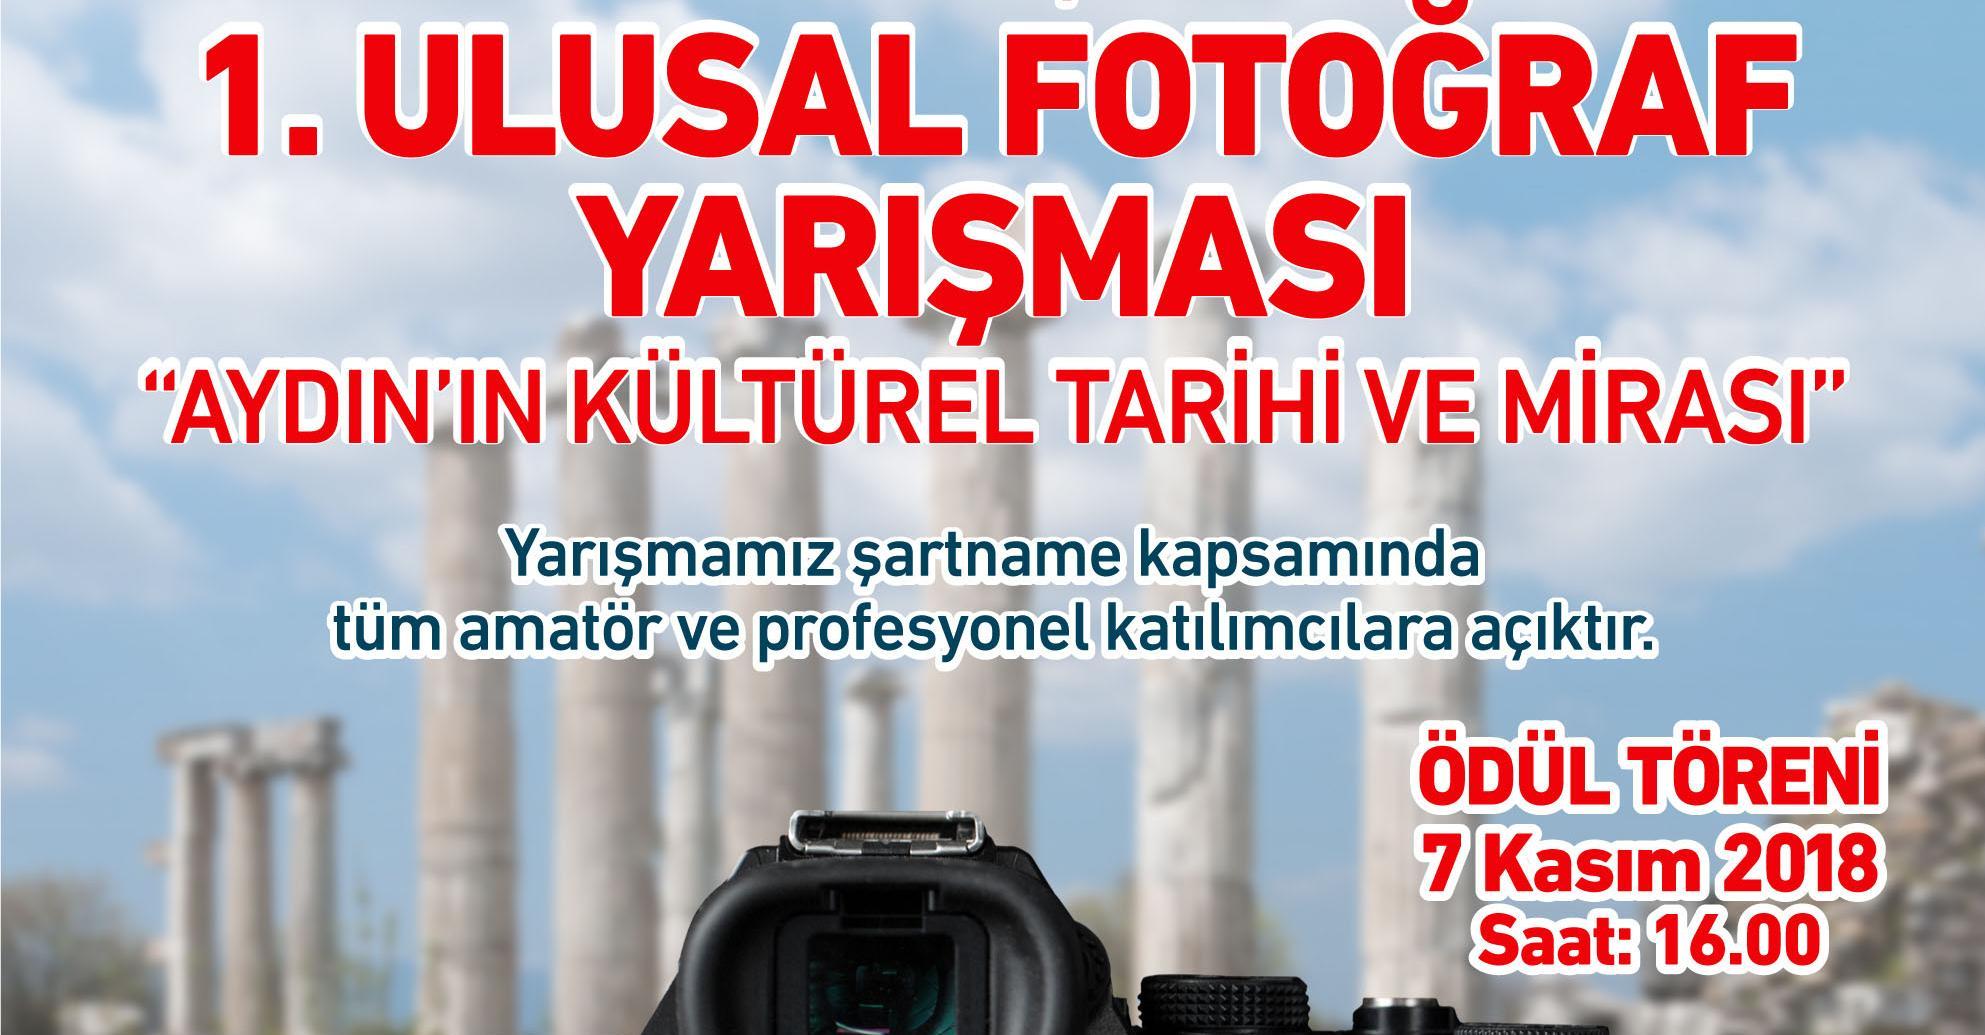 Forum Aydın'ın gerçekleştirdiği 1. Ulusal Fotoğraf Yarışması'nın başvuru süresi yoğun ilgi sebebiyle uzatıldı!